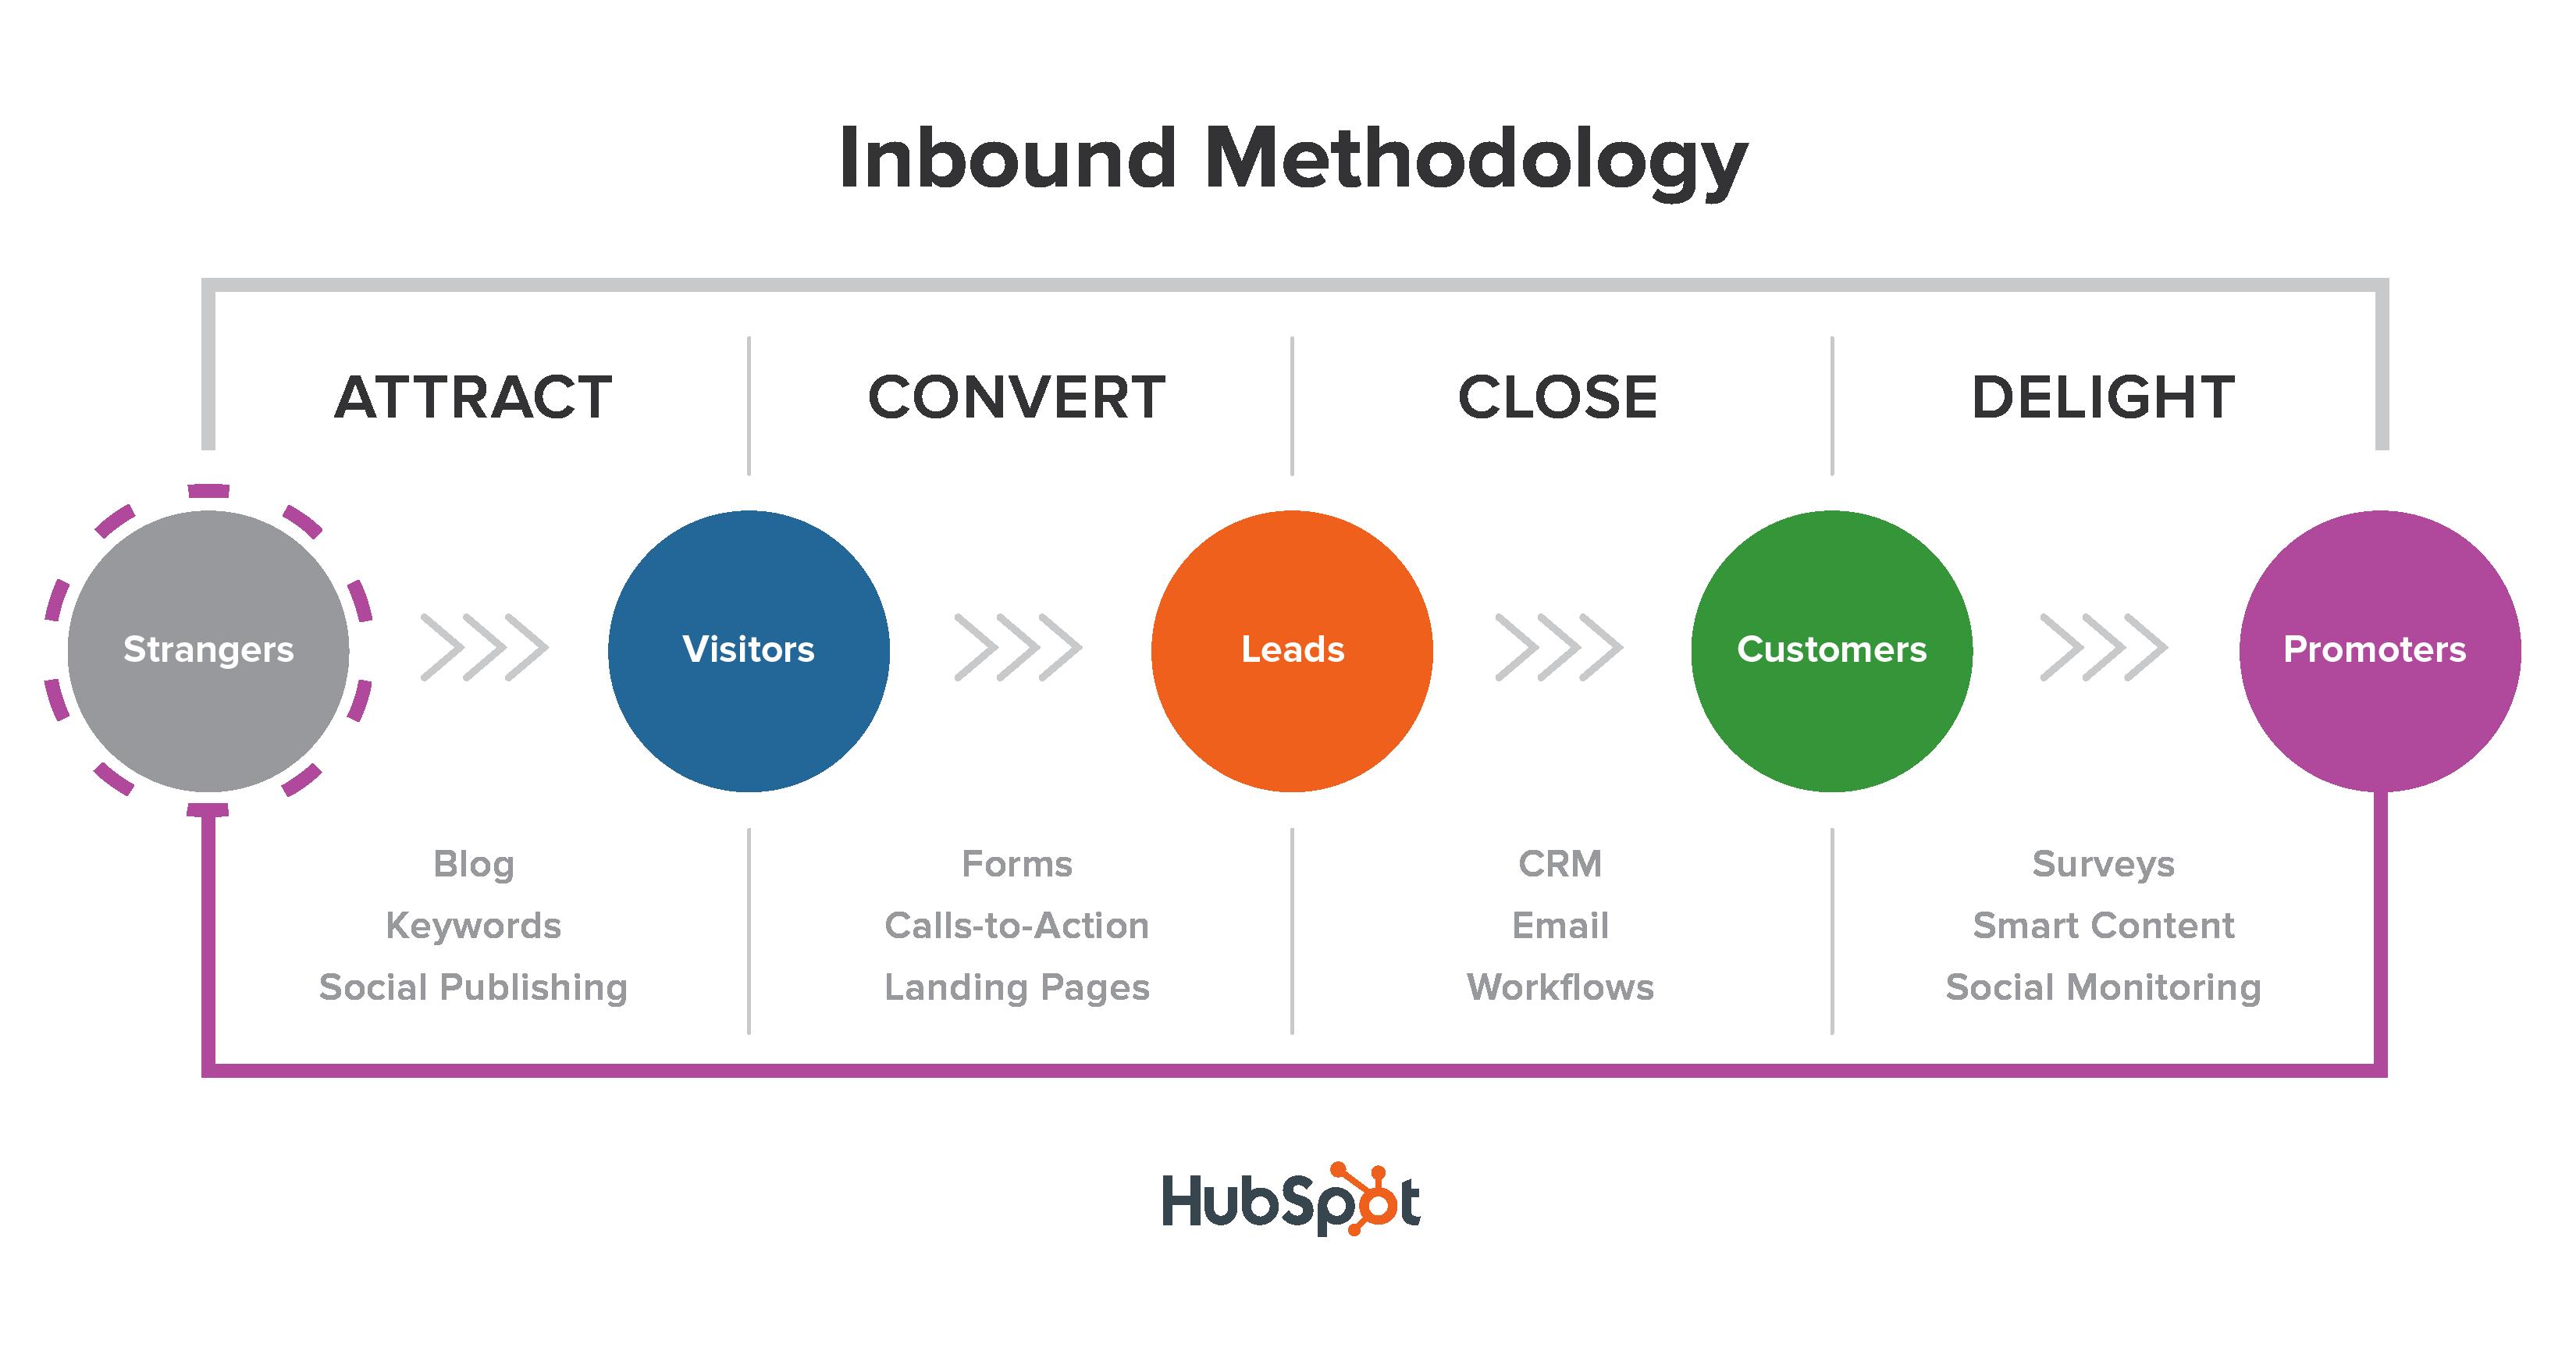 inbound_methodology_title-2.png